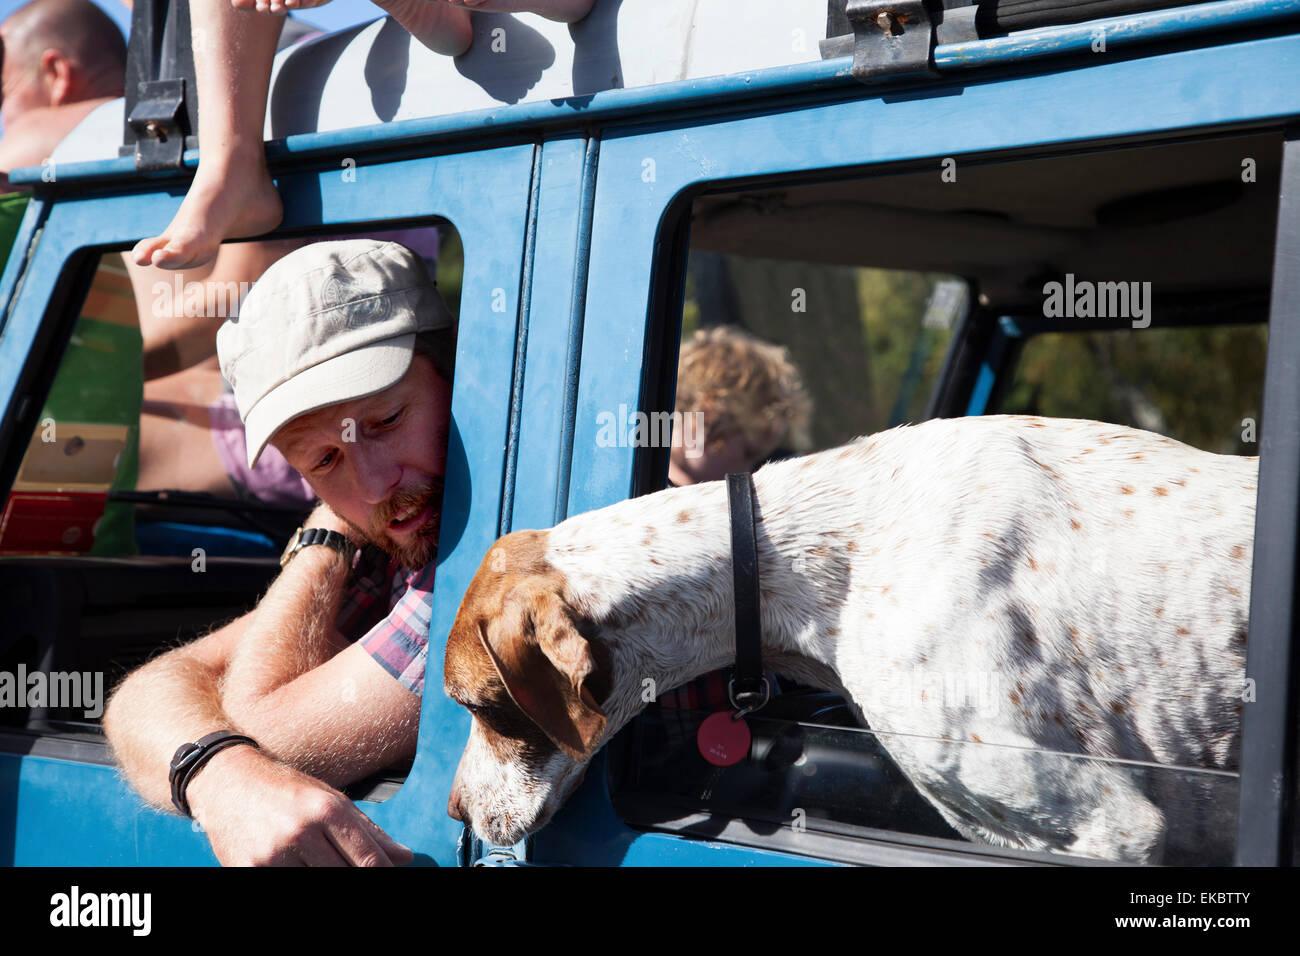 Reifer Mann und Hund gelehnt von off Road Fahrzeugscheiben, Lake Okareka, Neuseeland Stockbild